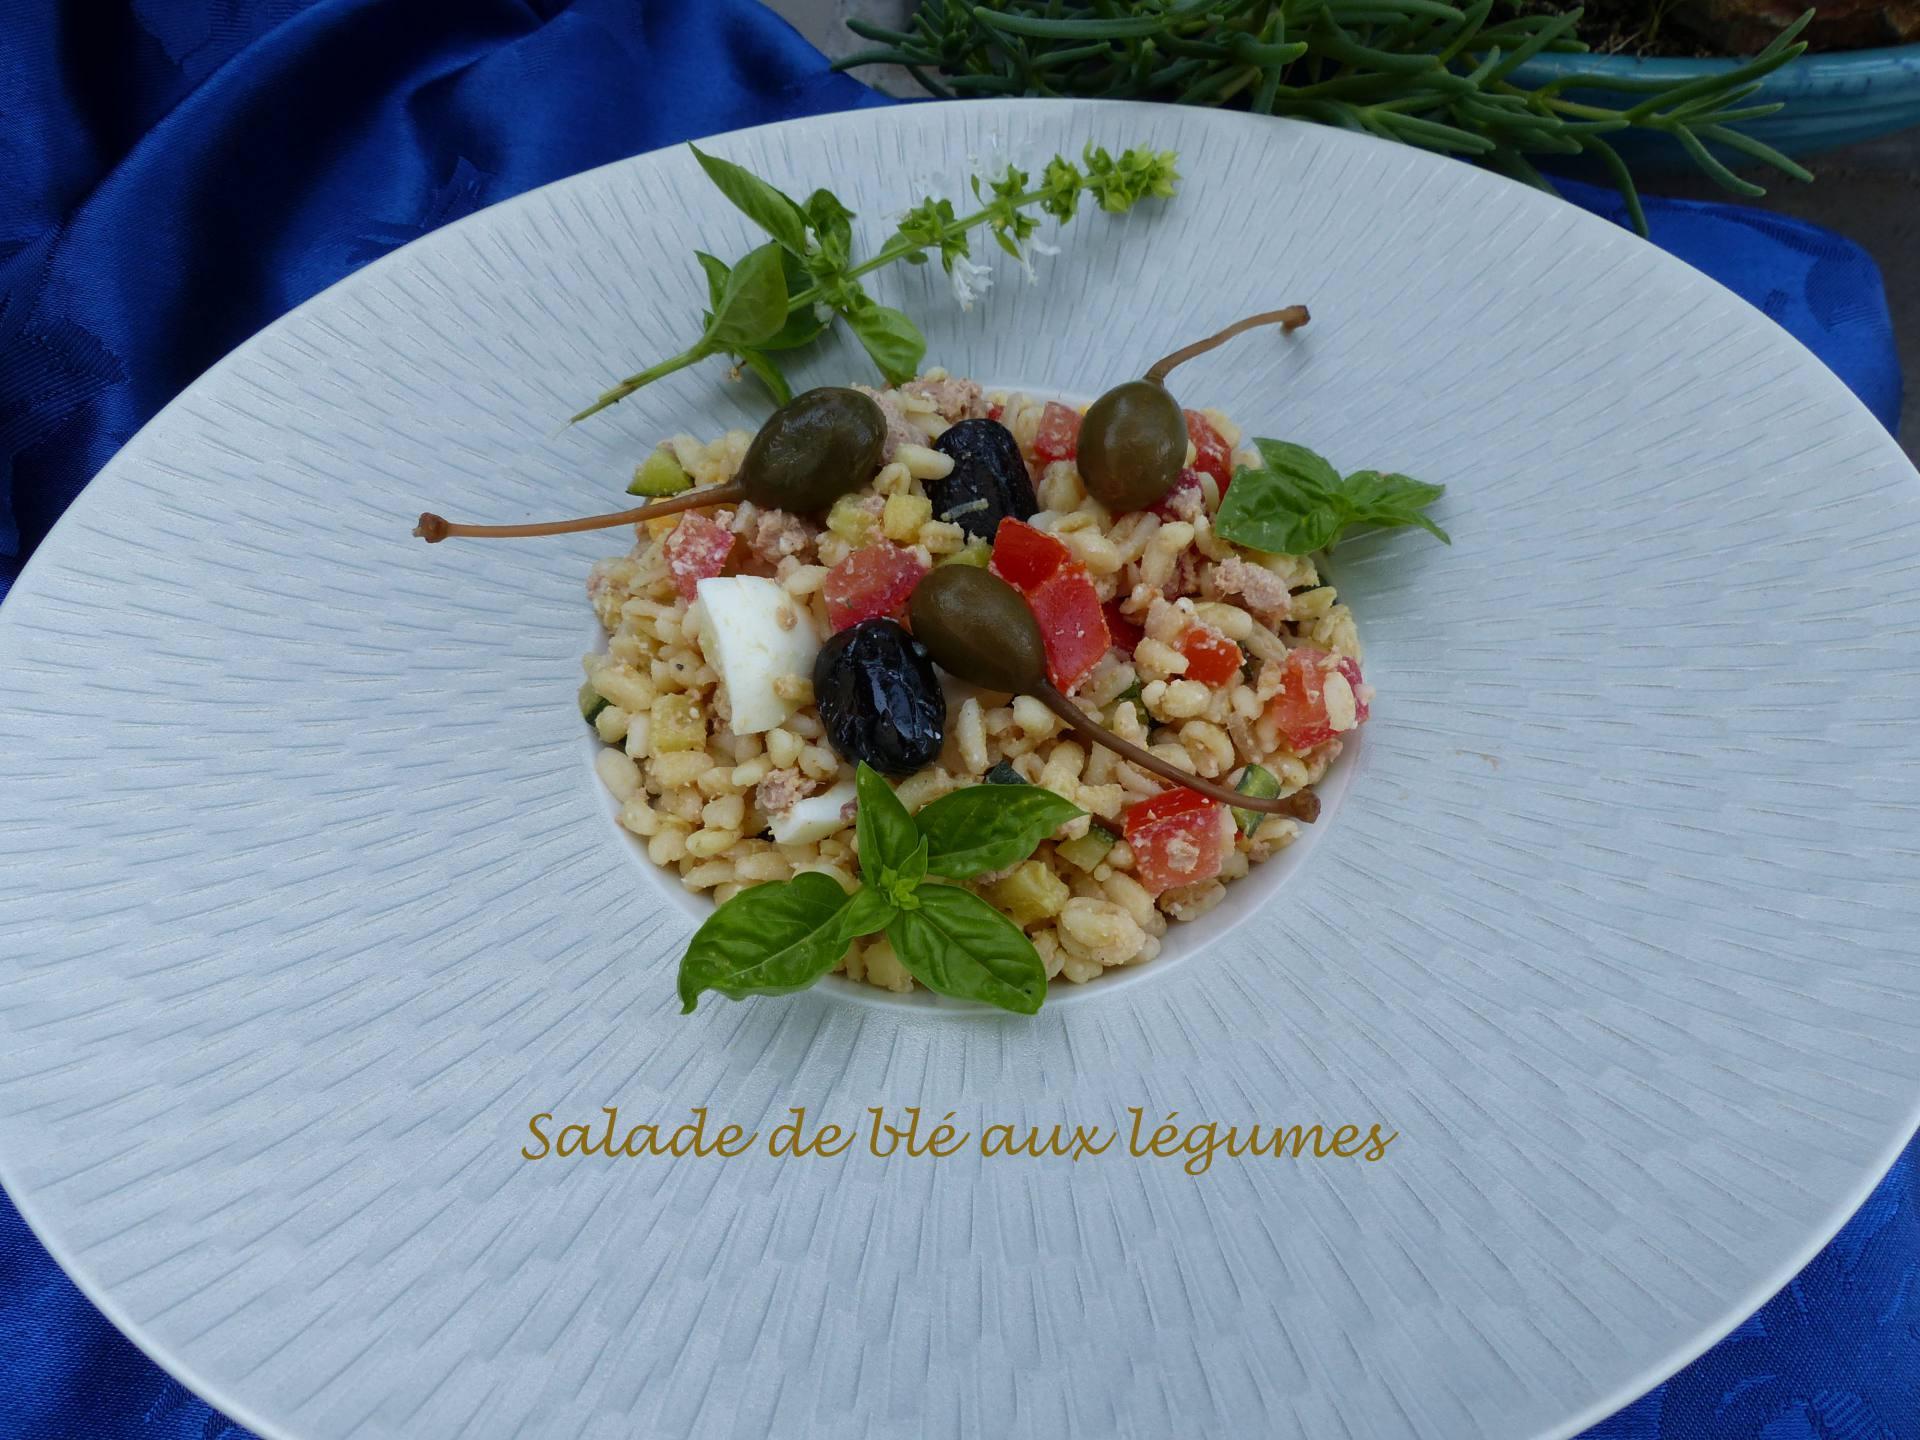 Salade de blé aux légumes P1180758 R